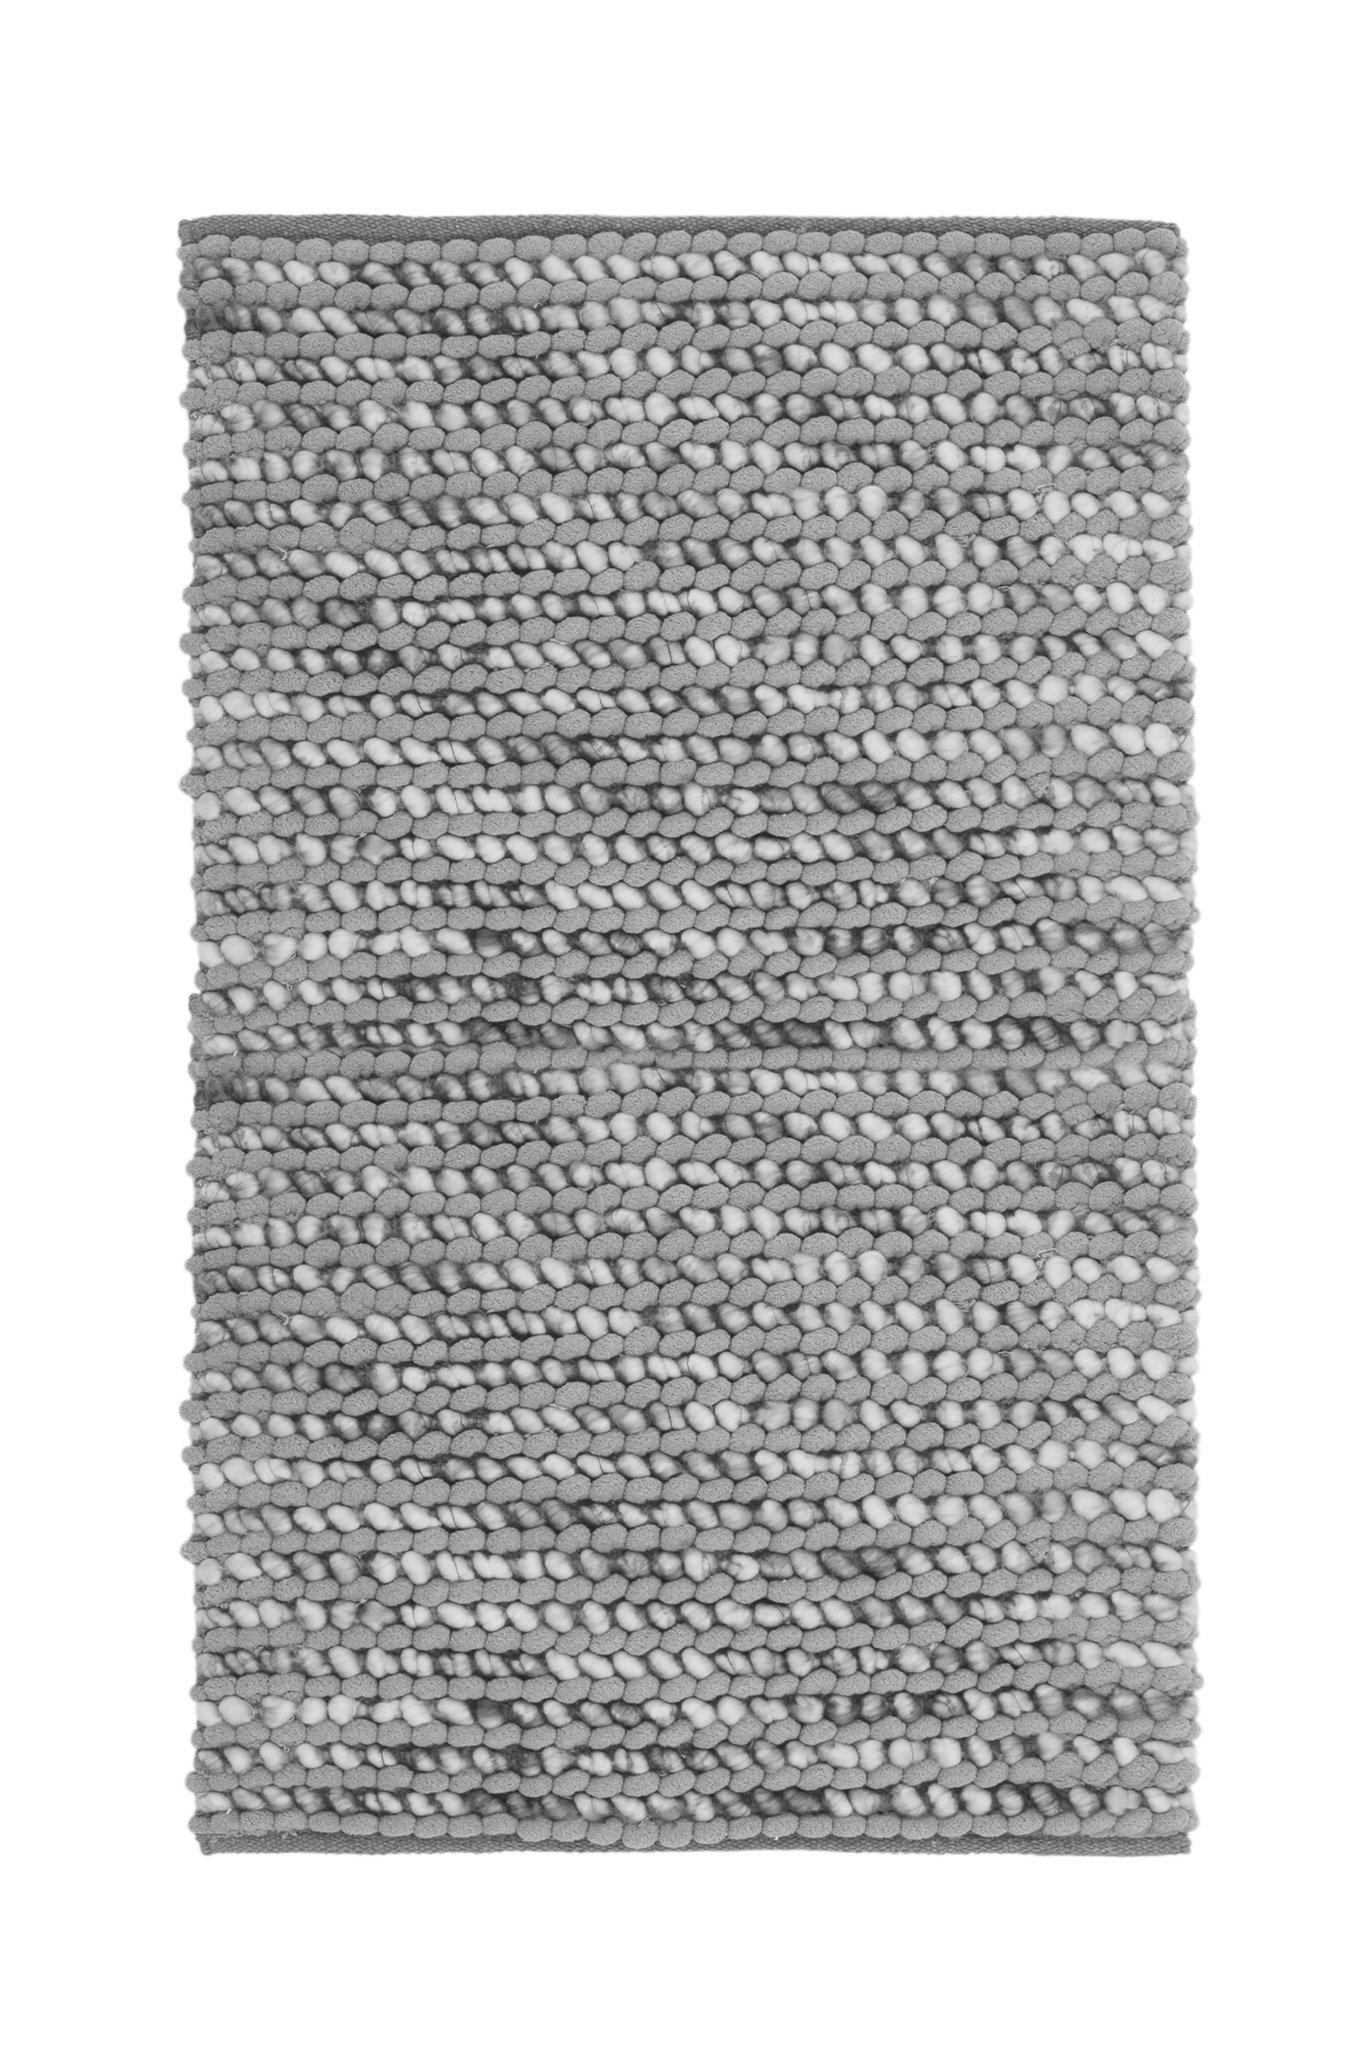 Mylene Badematte 70x120 Light Grey